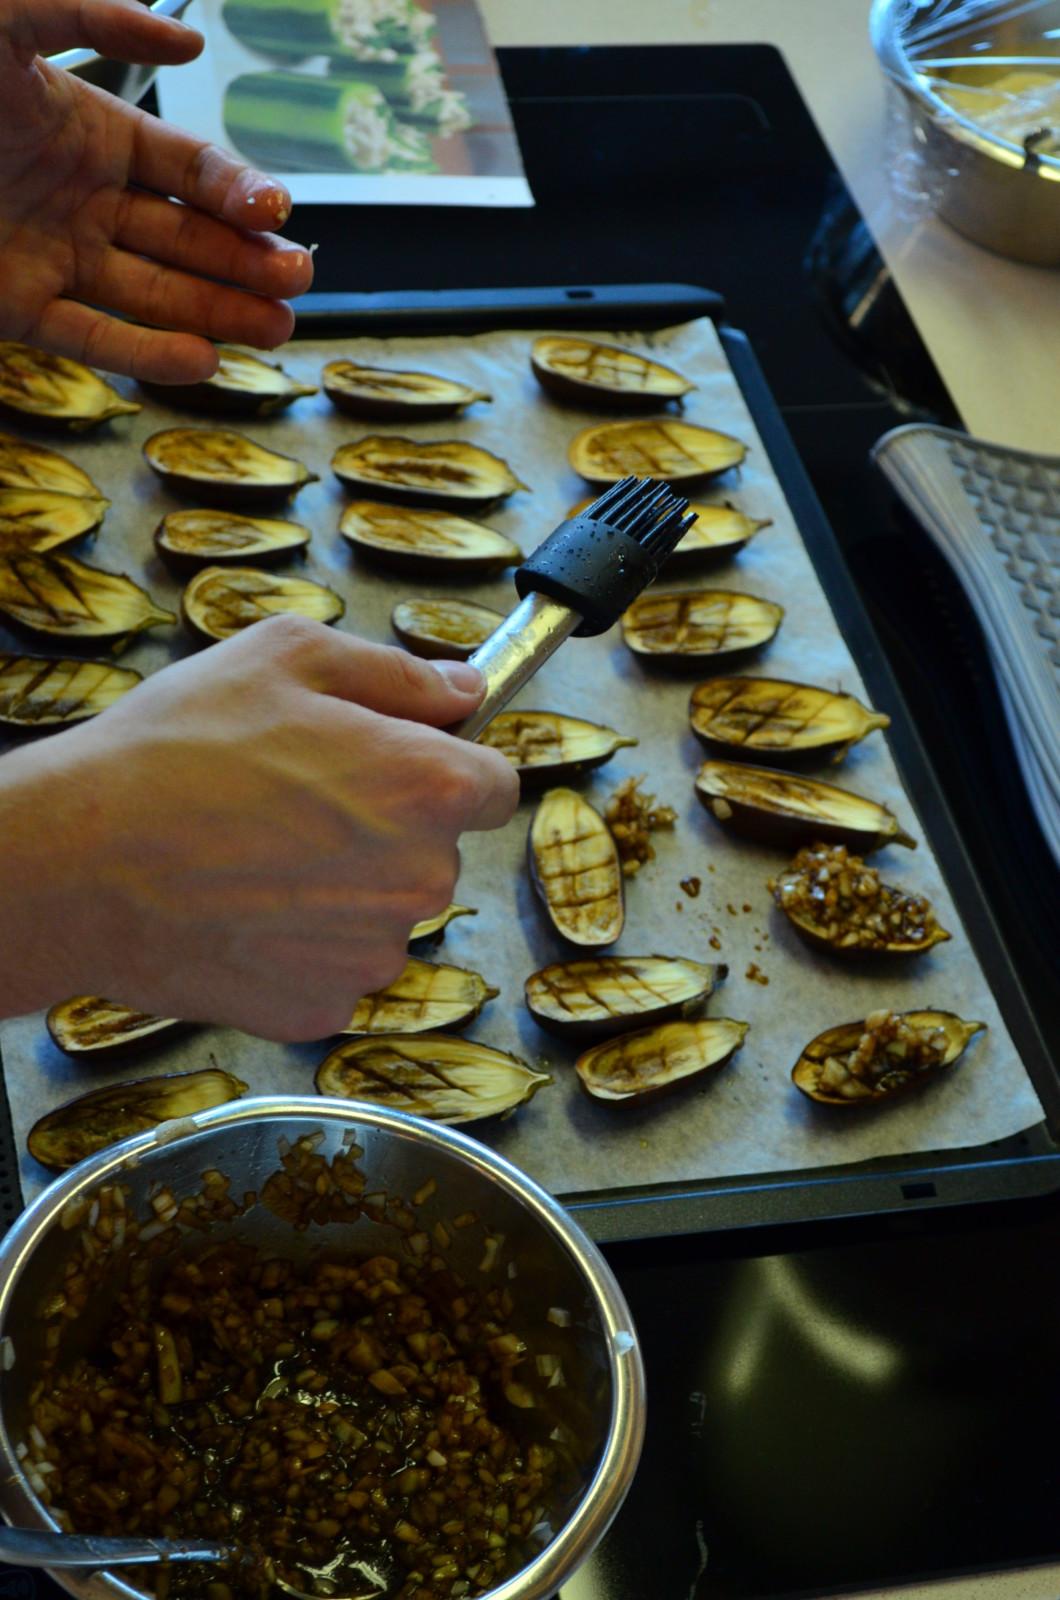 Die süssen Mini-Auberginen werden für die Vorspeise vorbereitet. Foto: Lunchgate/Corina